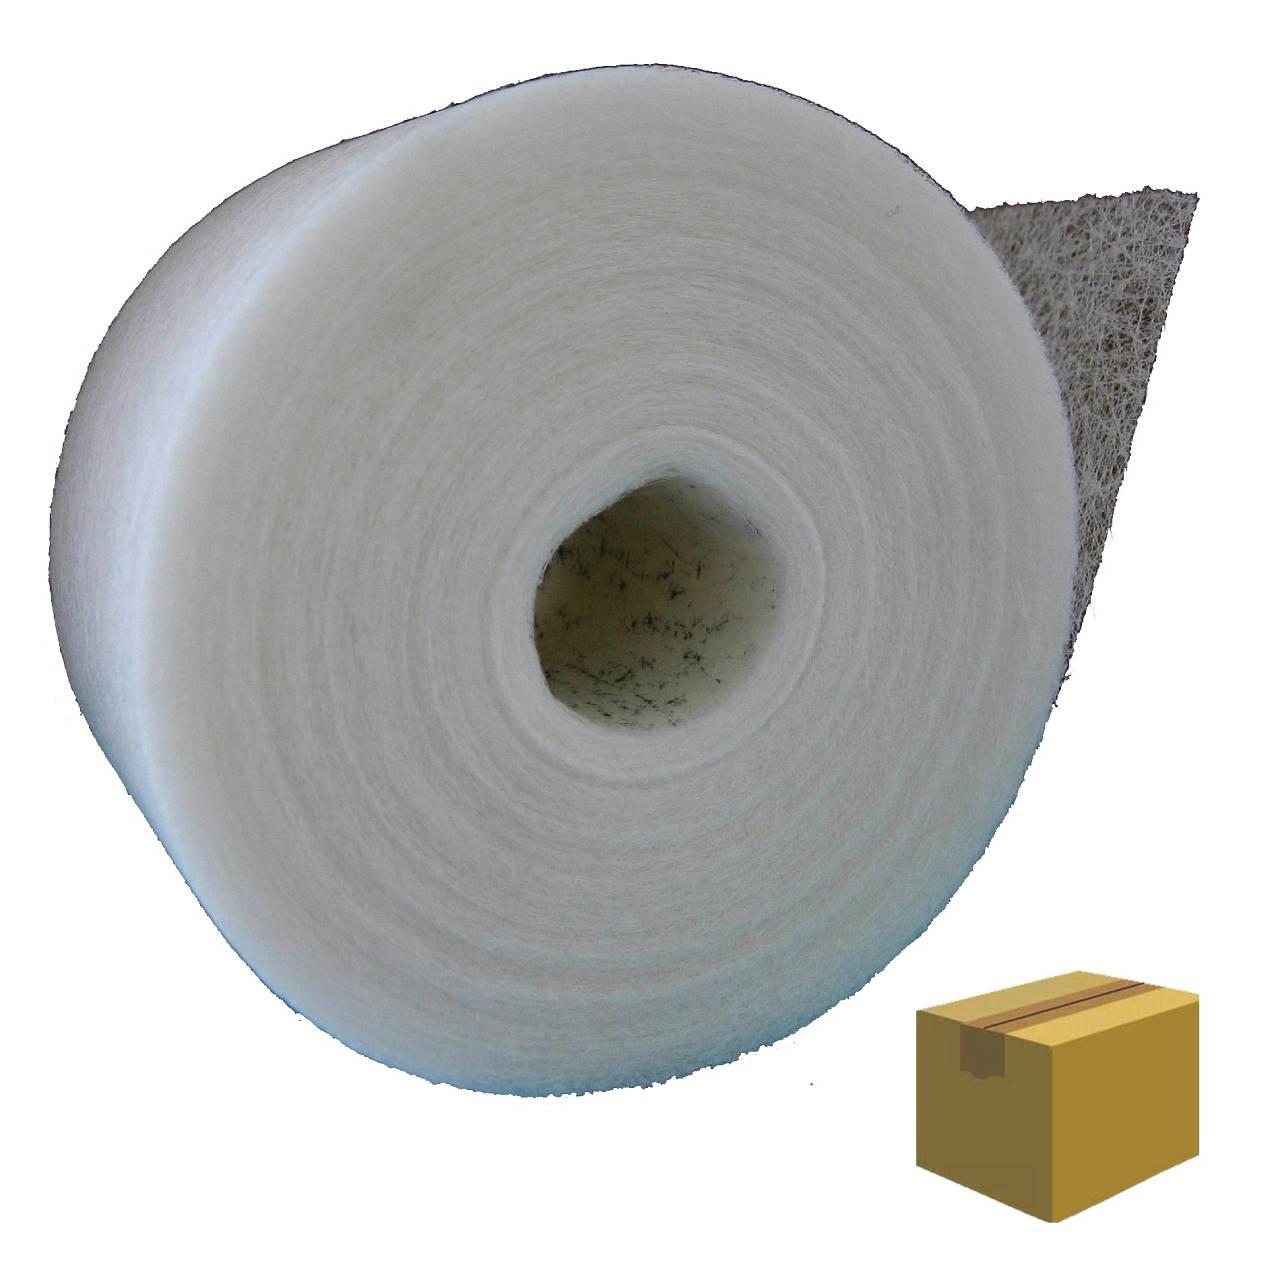 Glasfaserstreifen 50 mm x 25 lfm / Krt a 40 Rollen